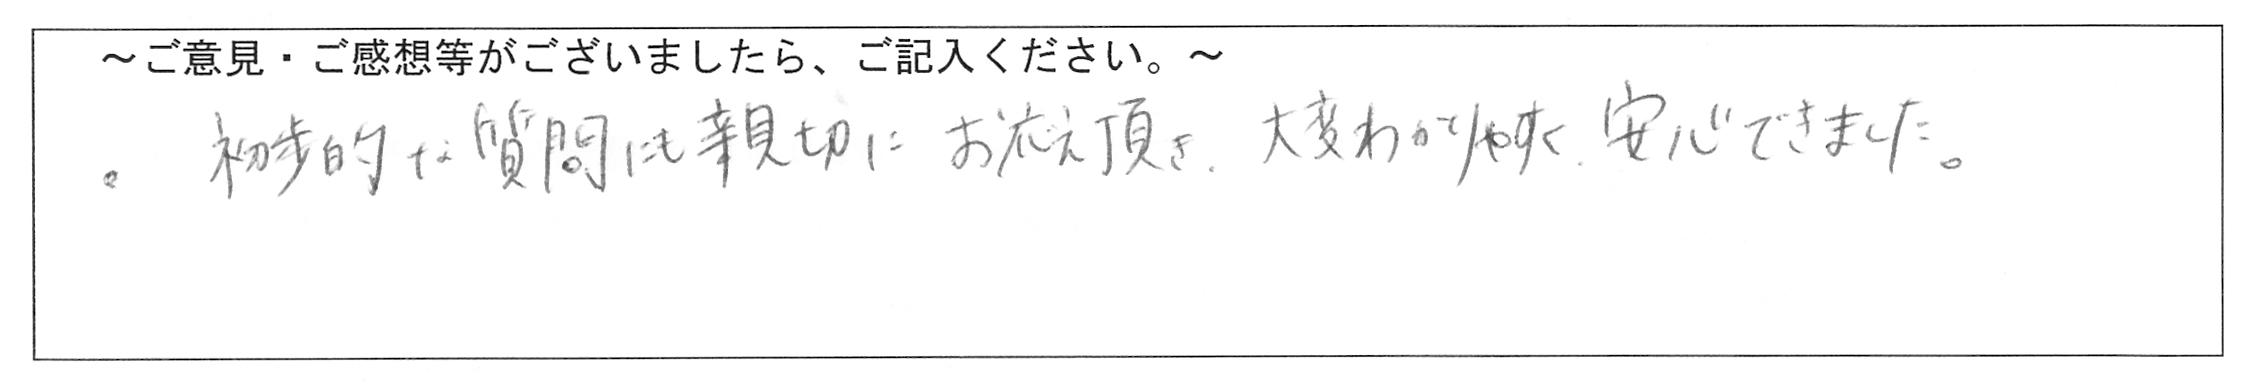 初歩的な質問にも親切にお応え頂き、大変わかりやすく安心できました